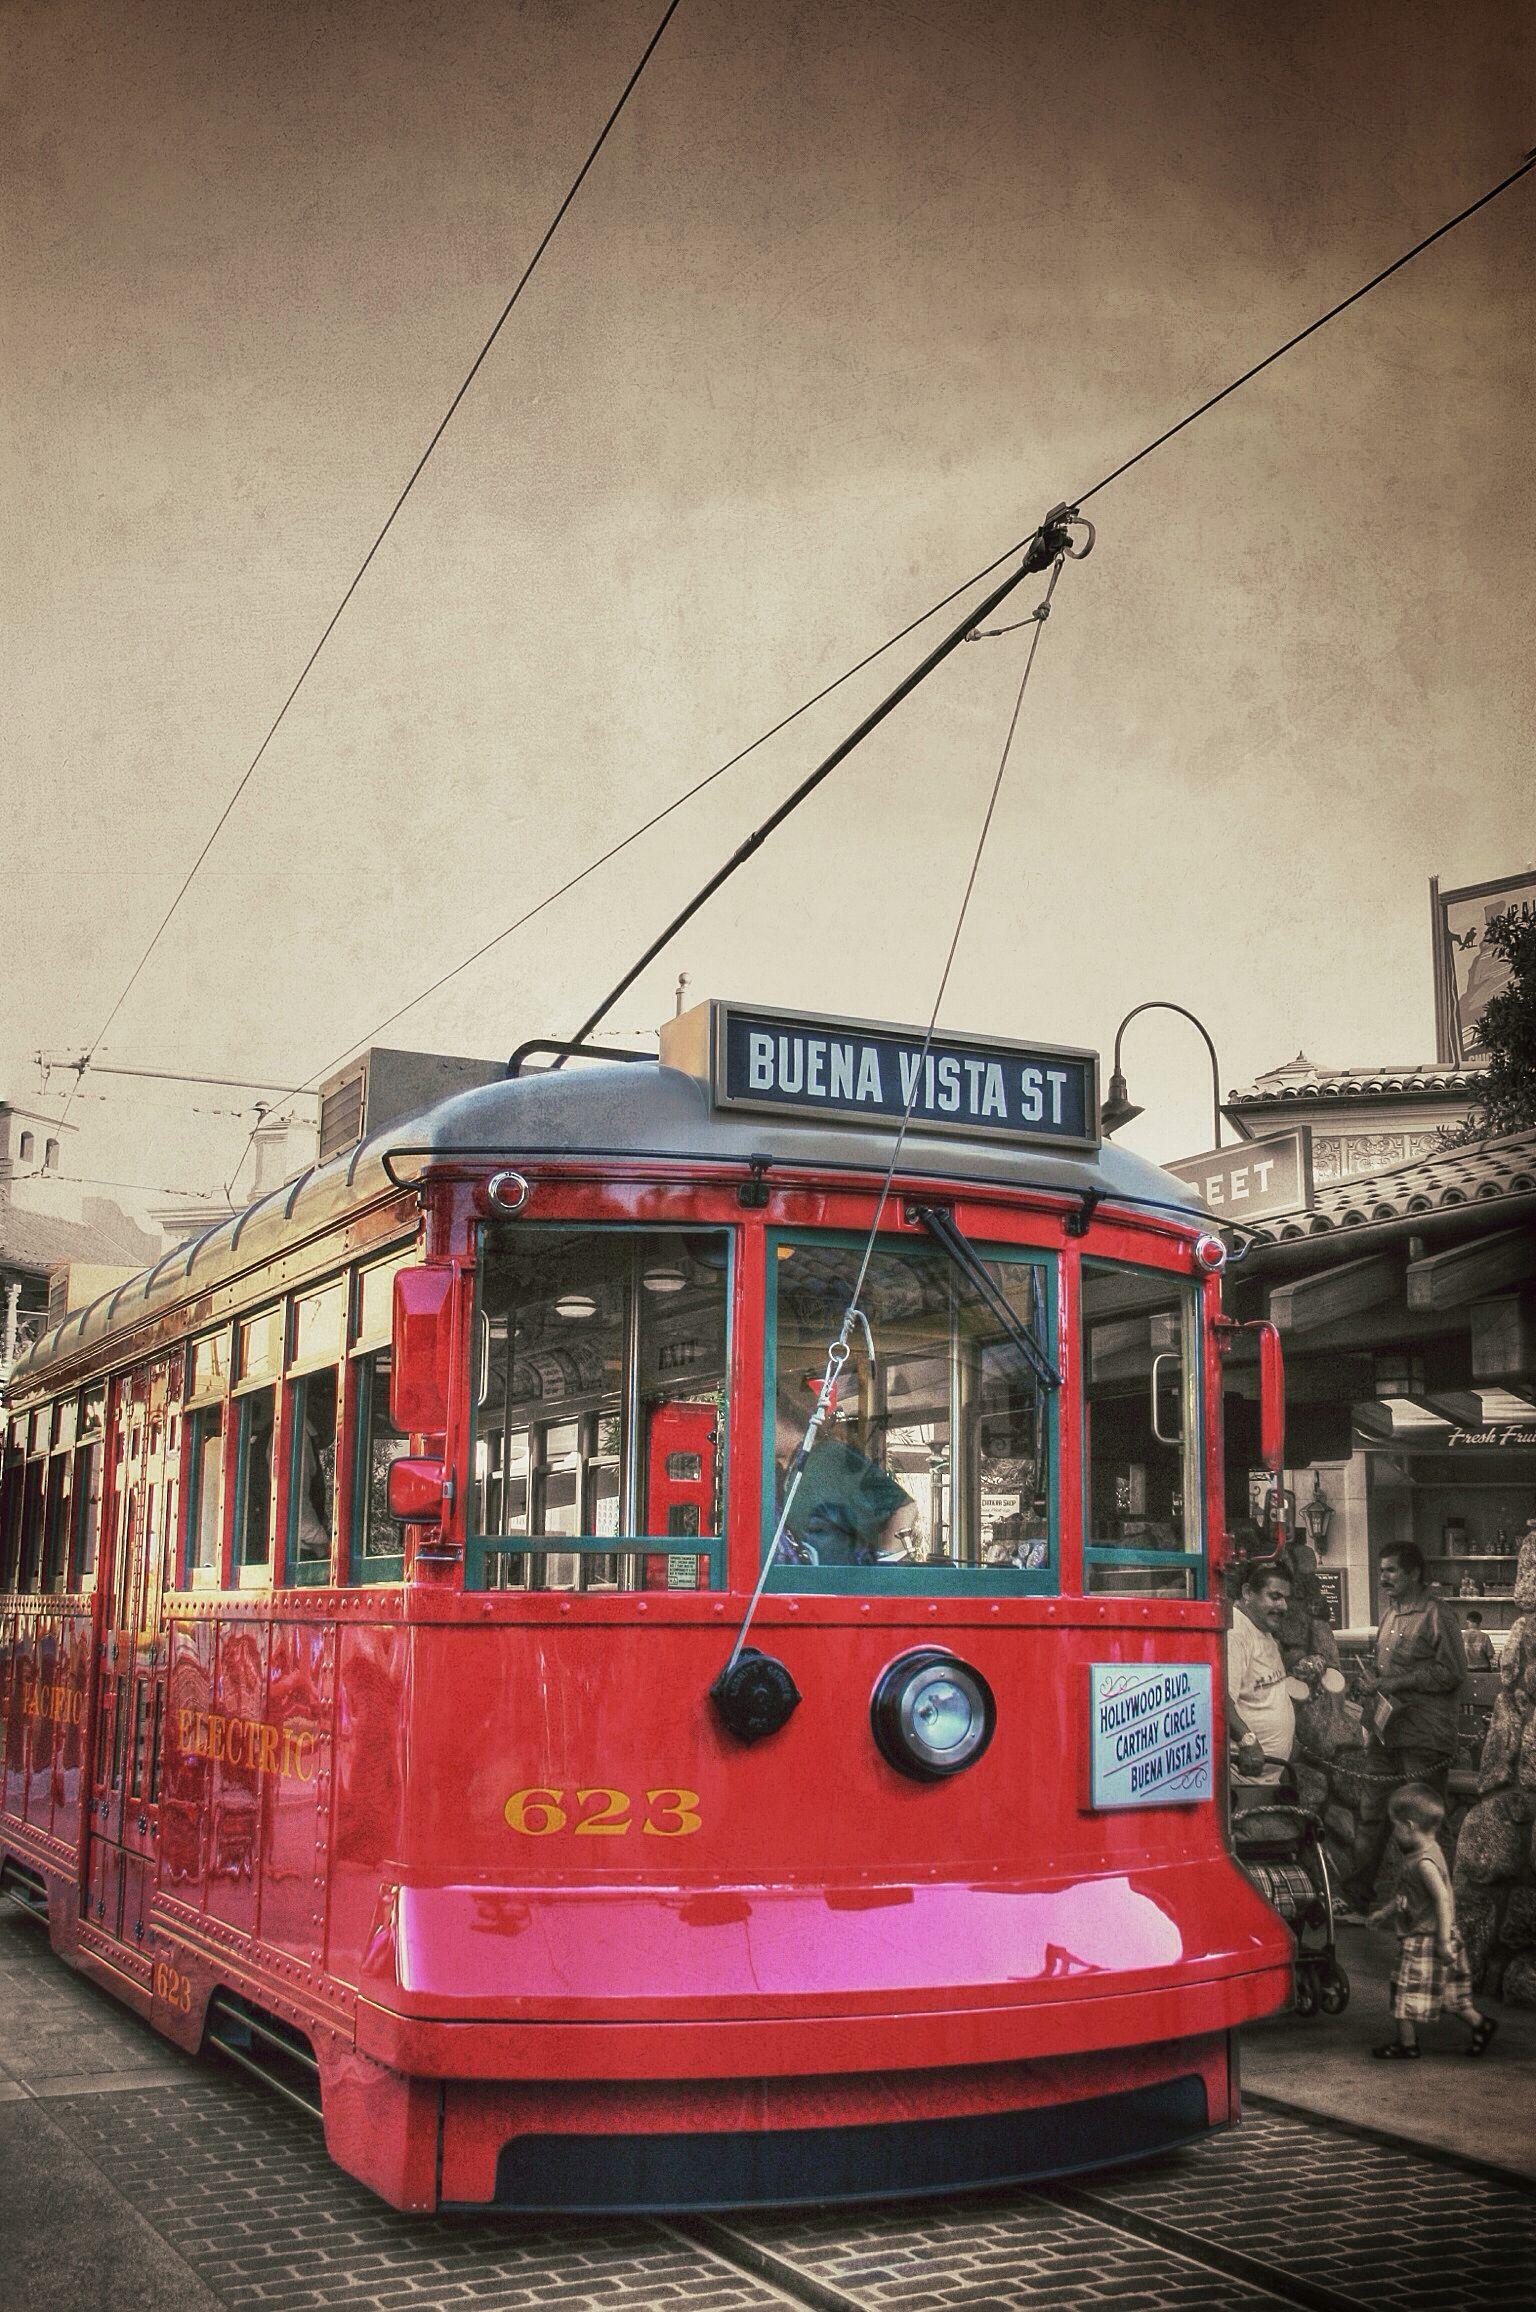 Red Car Trolley 623 Buena Vista Street